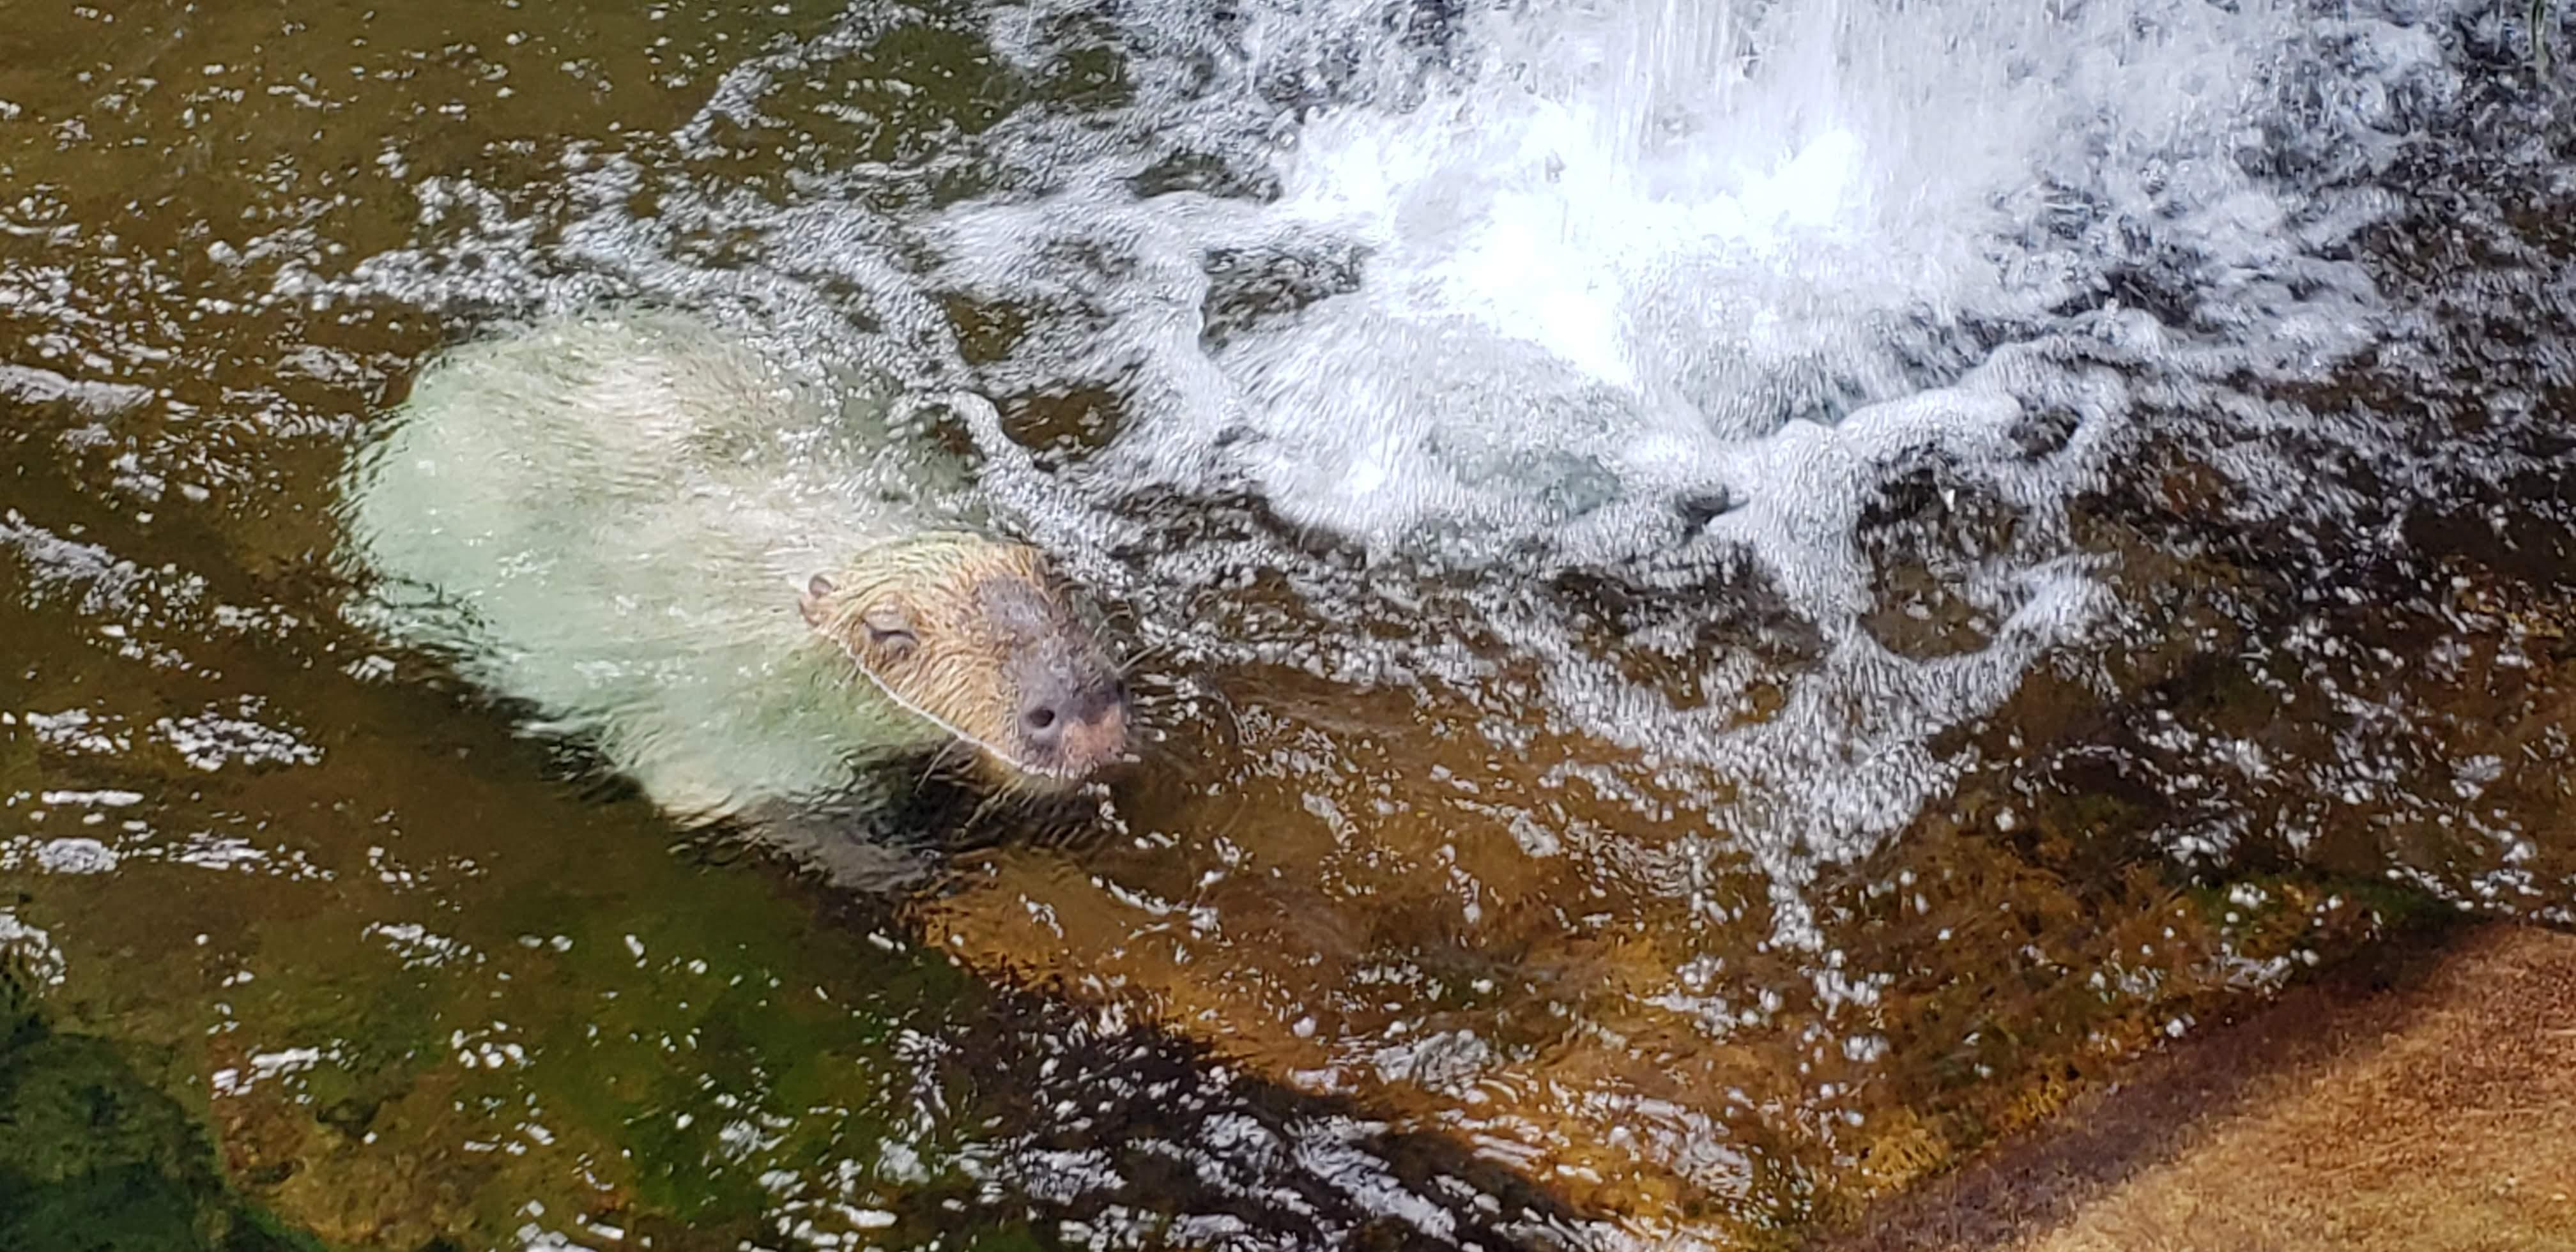 カピバラは、夏が一番かわいいことが判明 @なかがわ水遊園